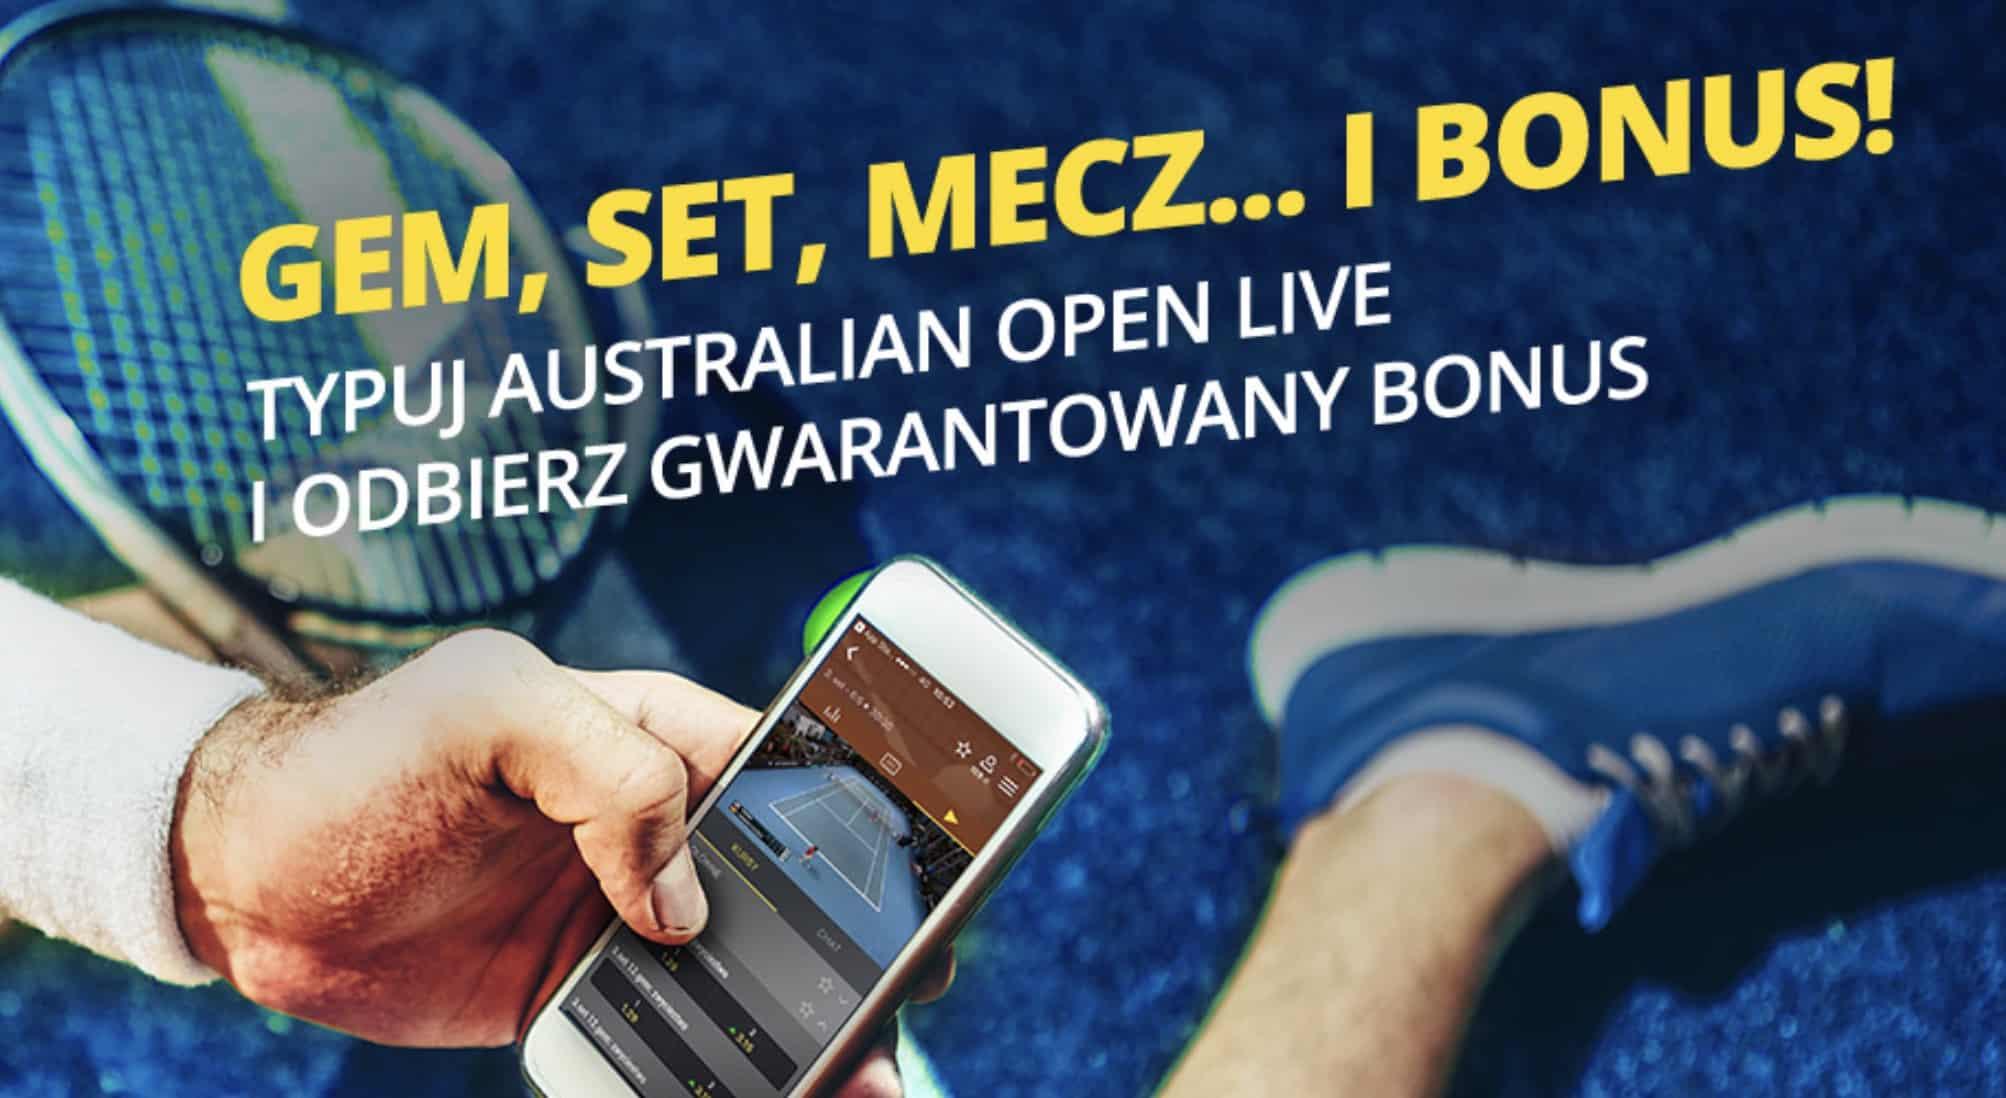 Fortuna na Australian Open 2019. Bonus 20 PLN dla graczy!